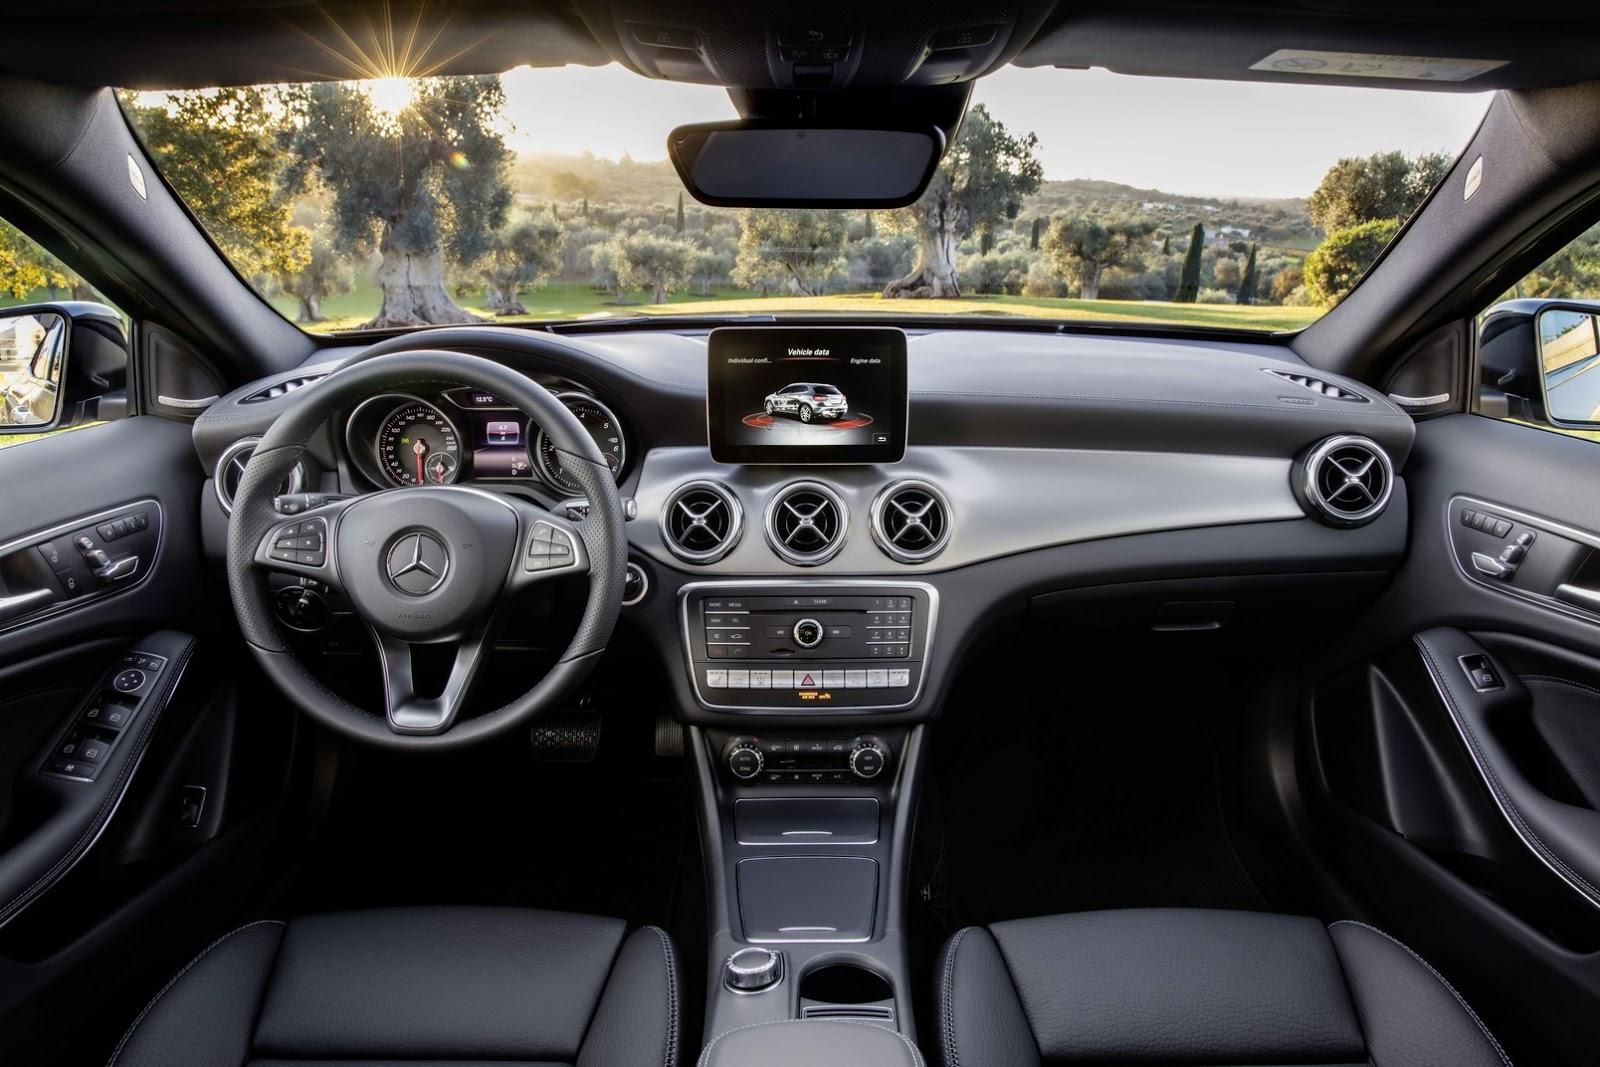 Mercedes GLA facelift and GLA 45 AMG facelift 2017 (25)